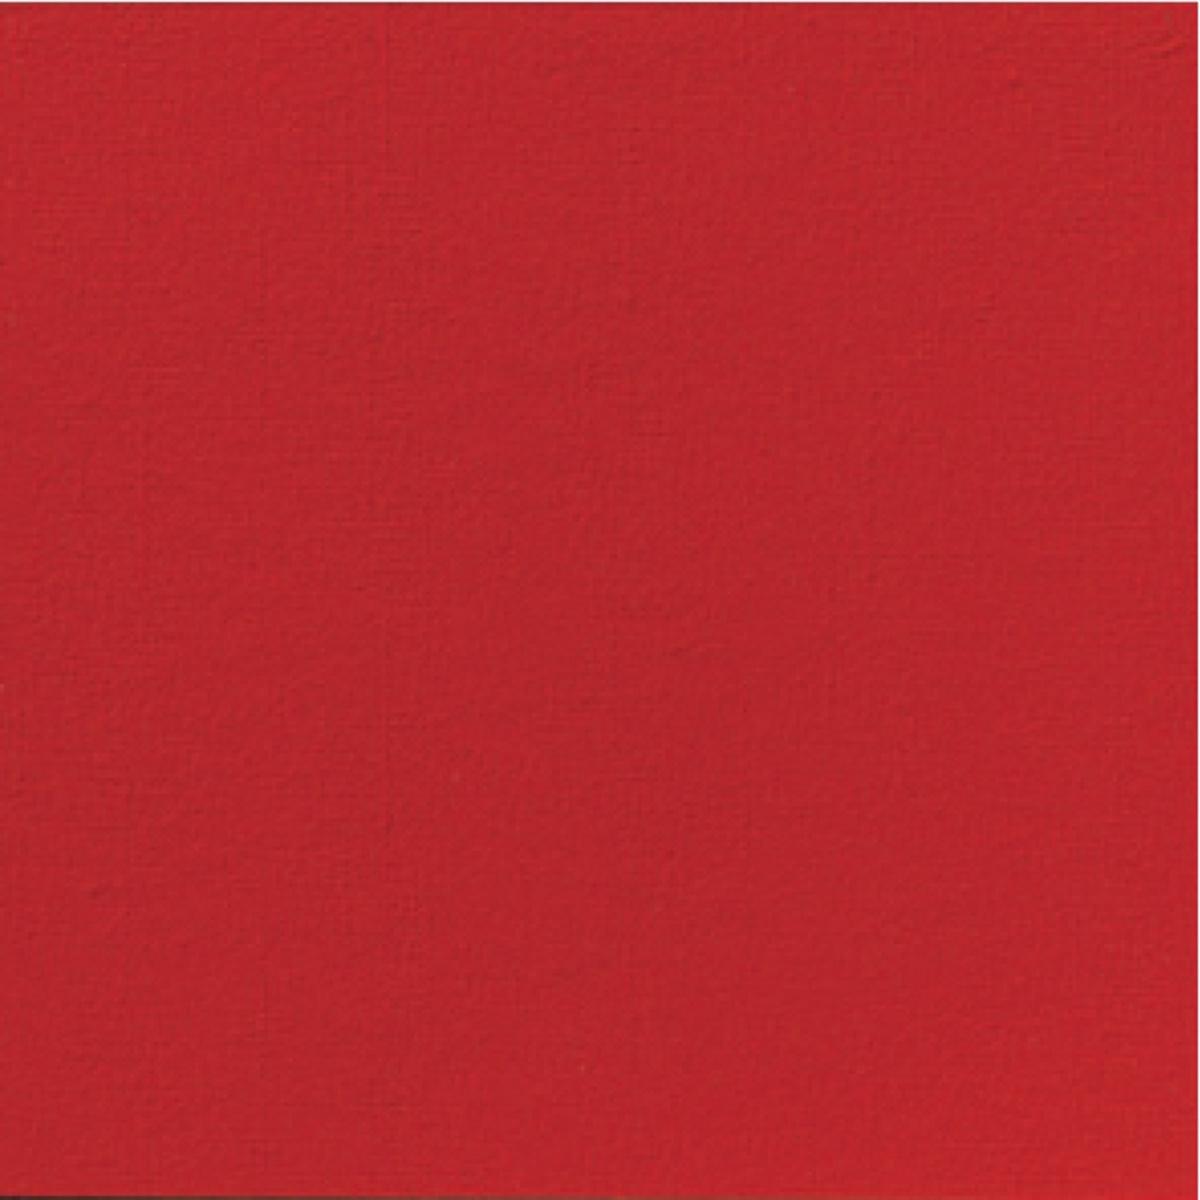 Serviette rouge non tissé 40x40 cm Airlaid Duni (60 pièces)